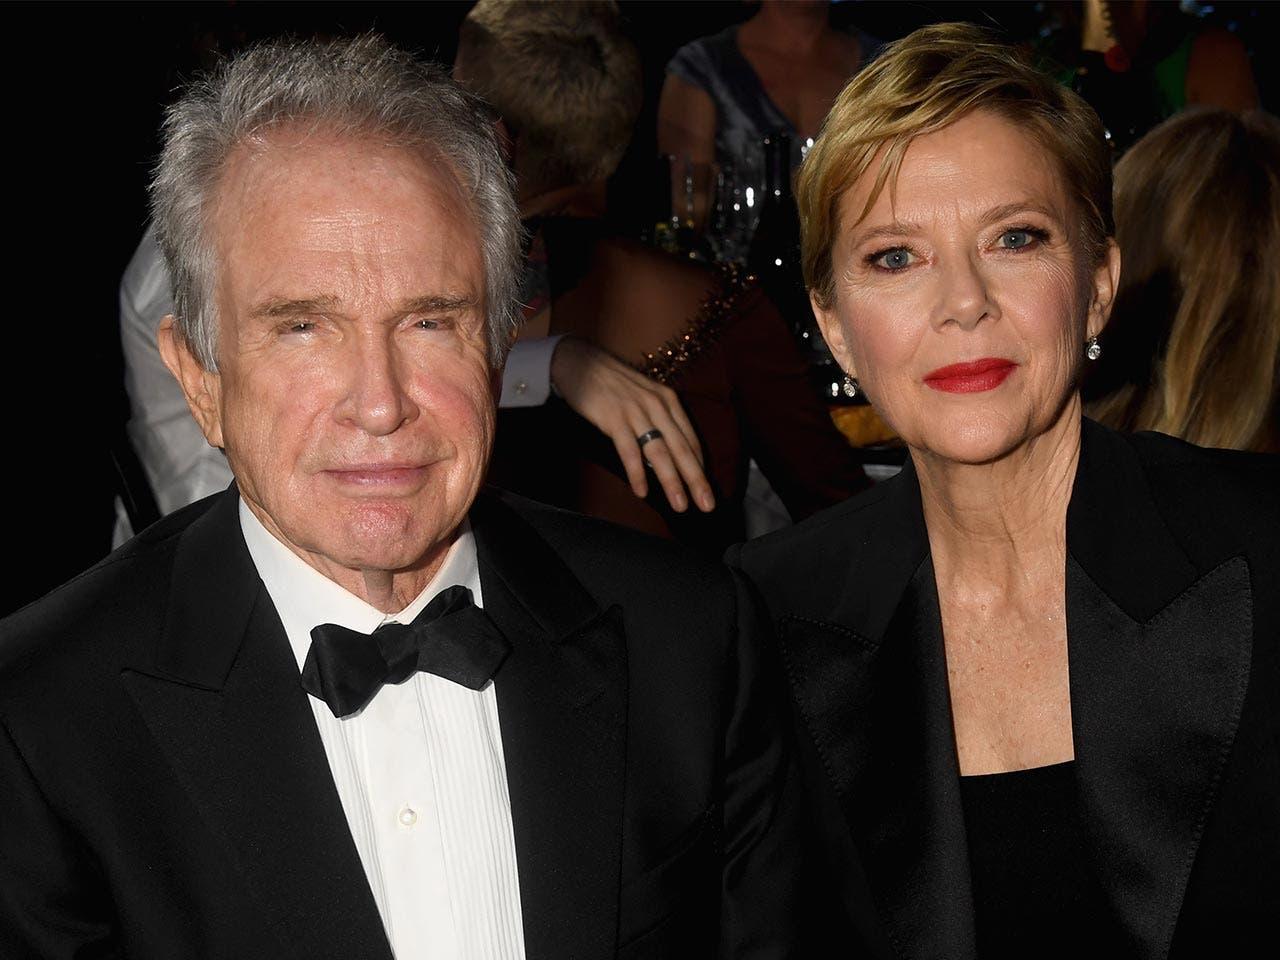 Warren Beatty and Annette Bening |Jeff Kravitz /Getty Image